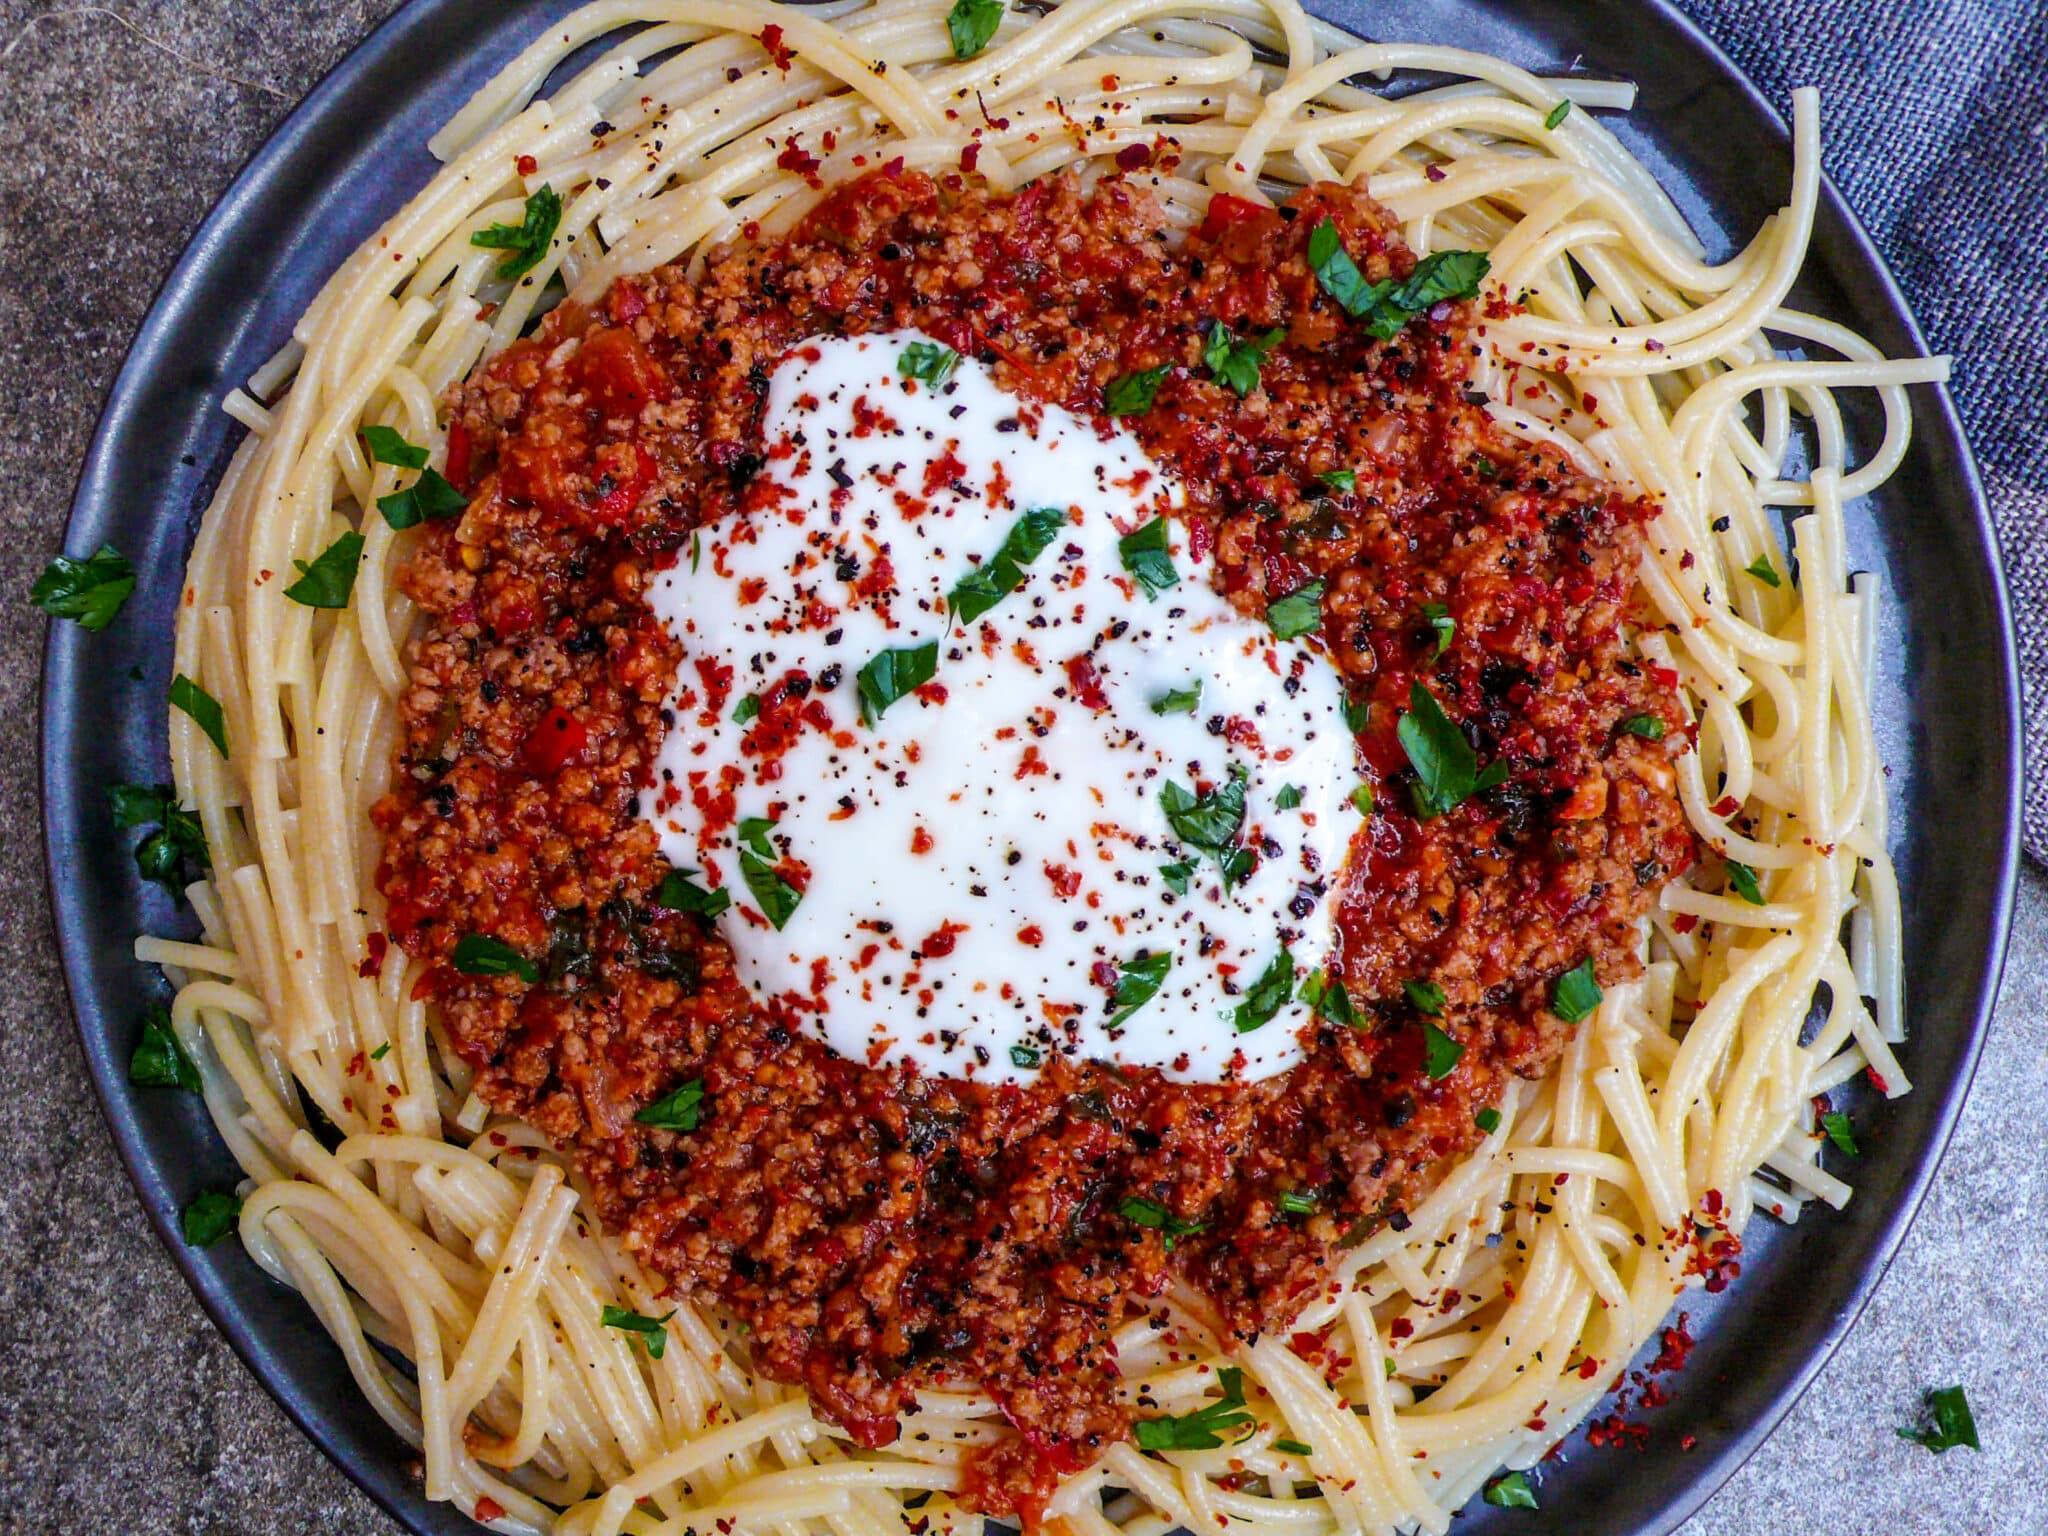 Knekt spaghetti med kjøttsaus og hvitløksyoghurt (1 of 2)